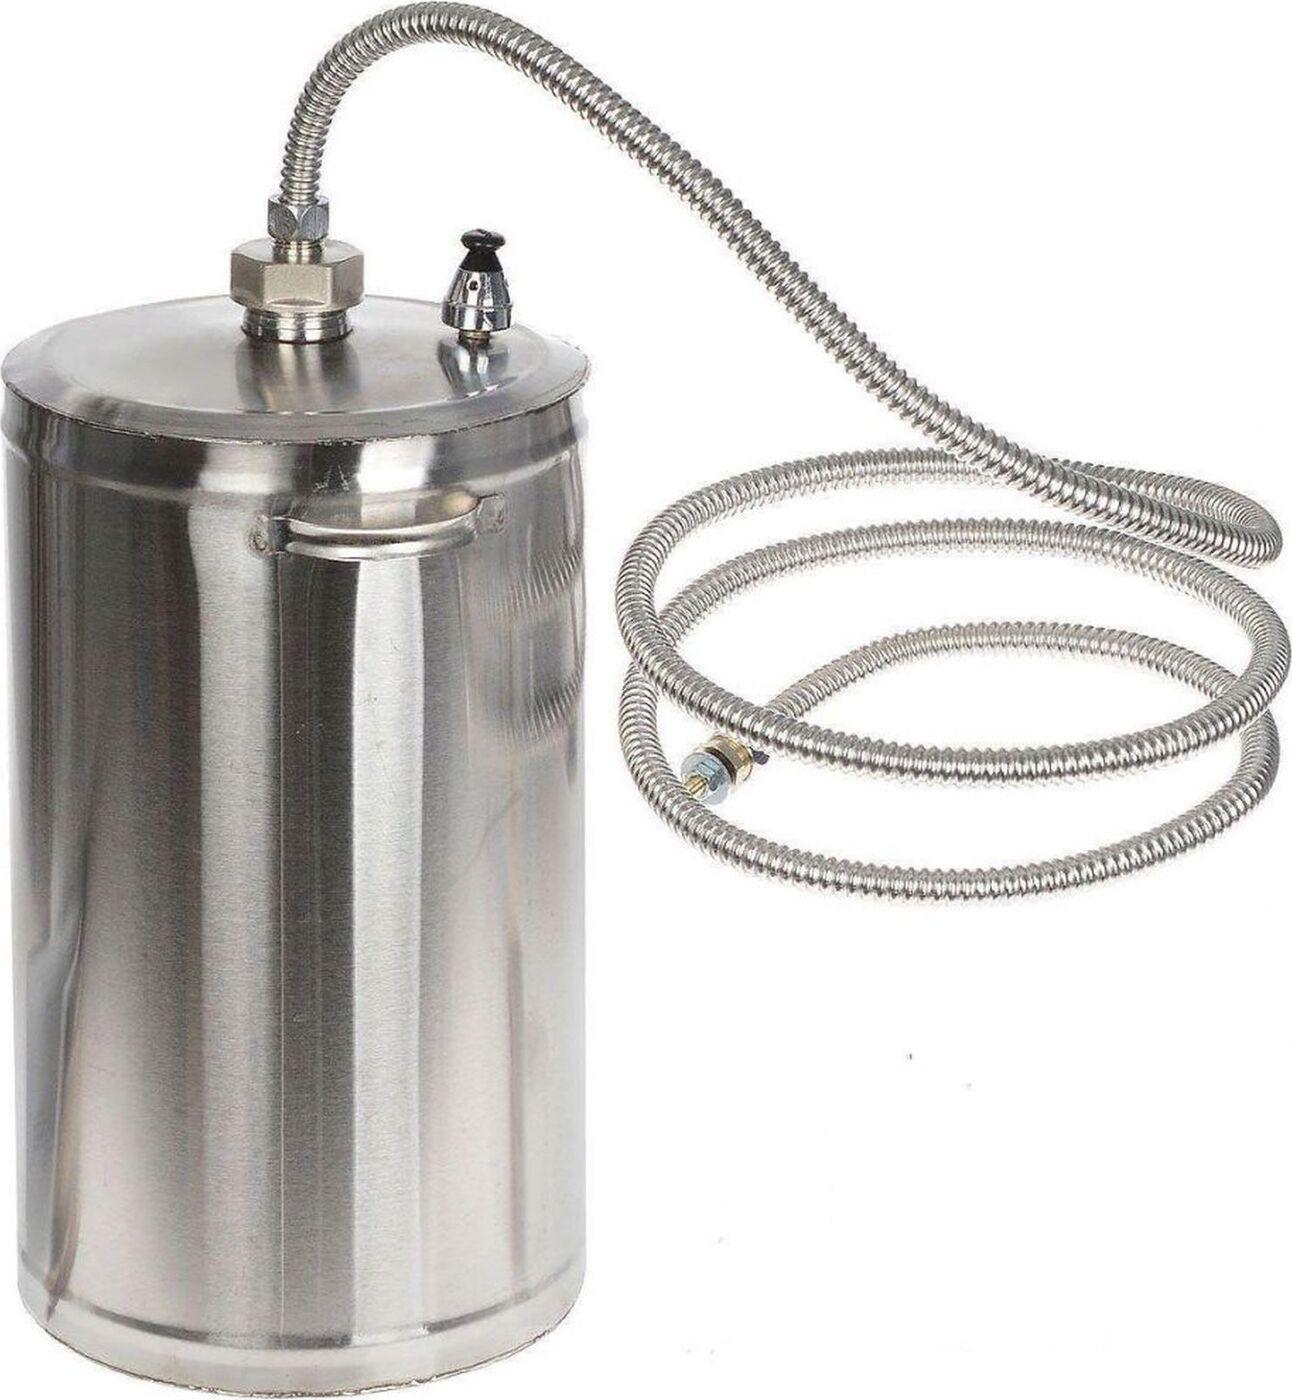 Дистиллятор Первач - Дачно-Деревенский 30Т, домашний 30 л., охладитель, используется без водопровода Первач